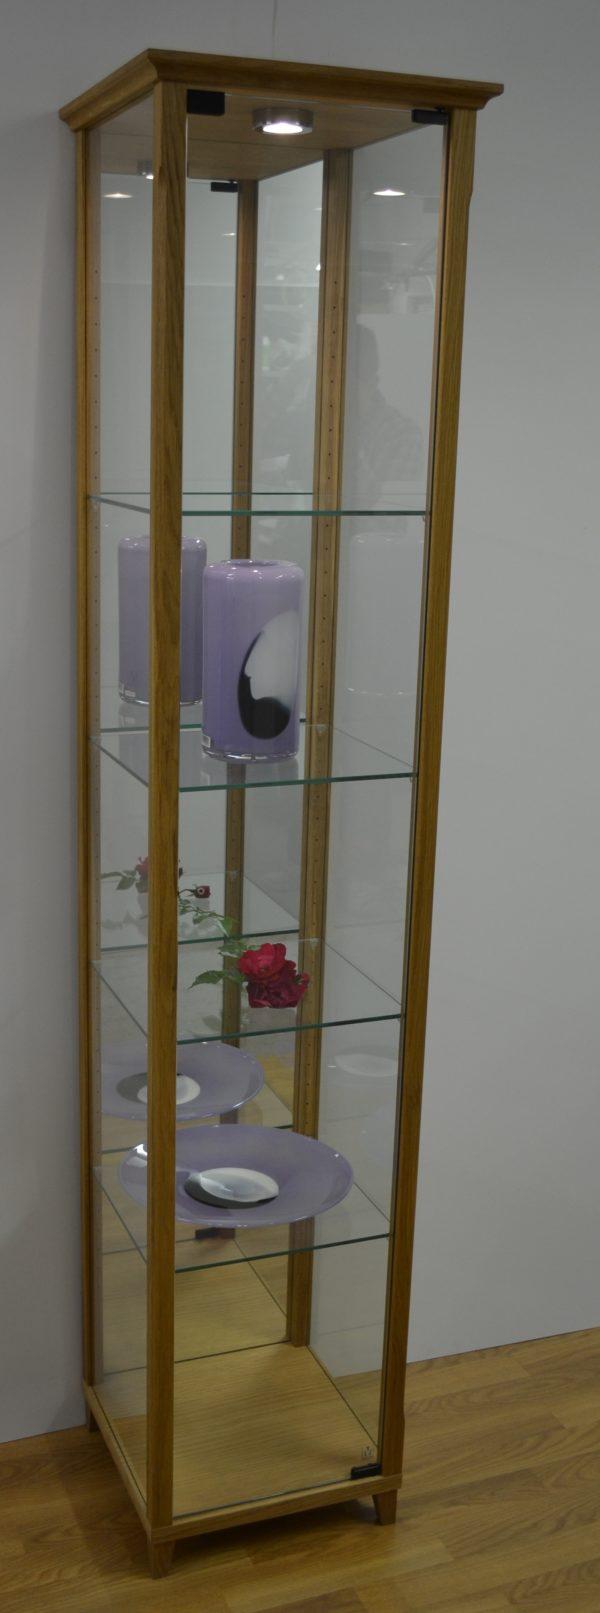 Ett fint glasvitrin med hyllor i glas. Detta vitrinskåp går att få med rygg i trä eller spegelglas.